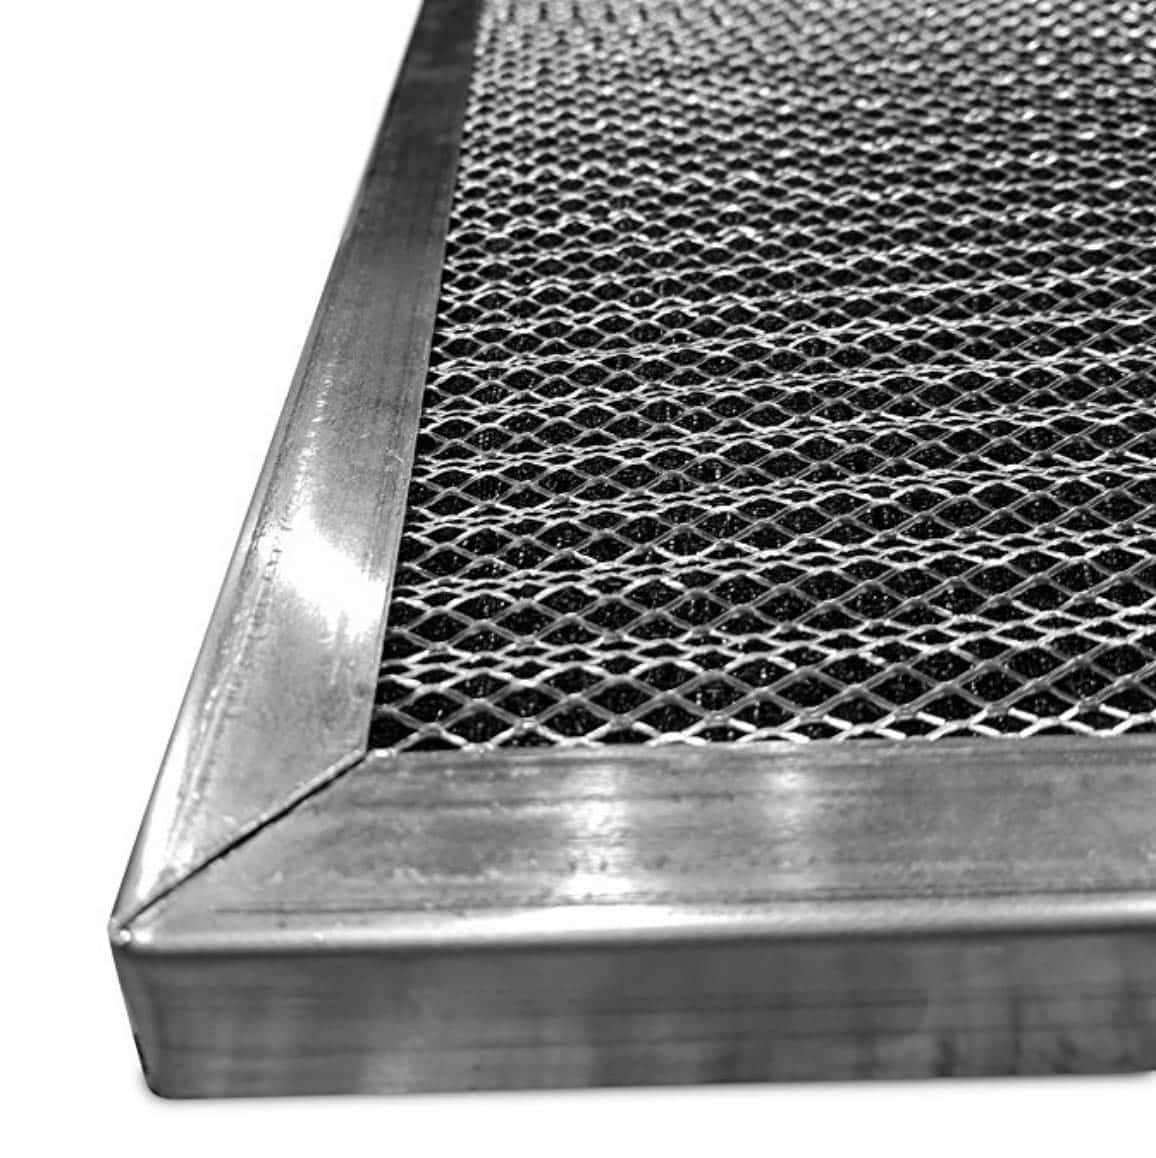 Furnace filter - Washable